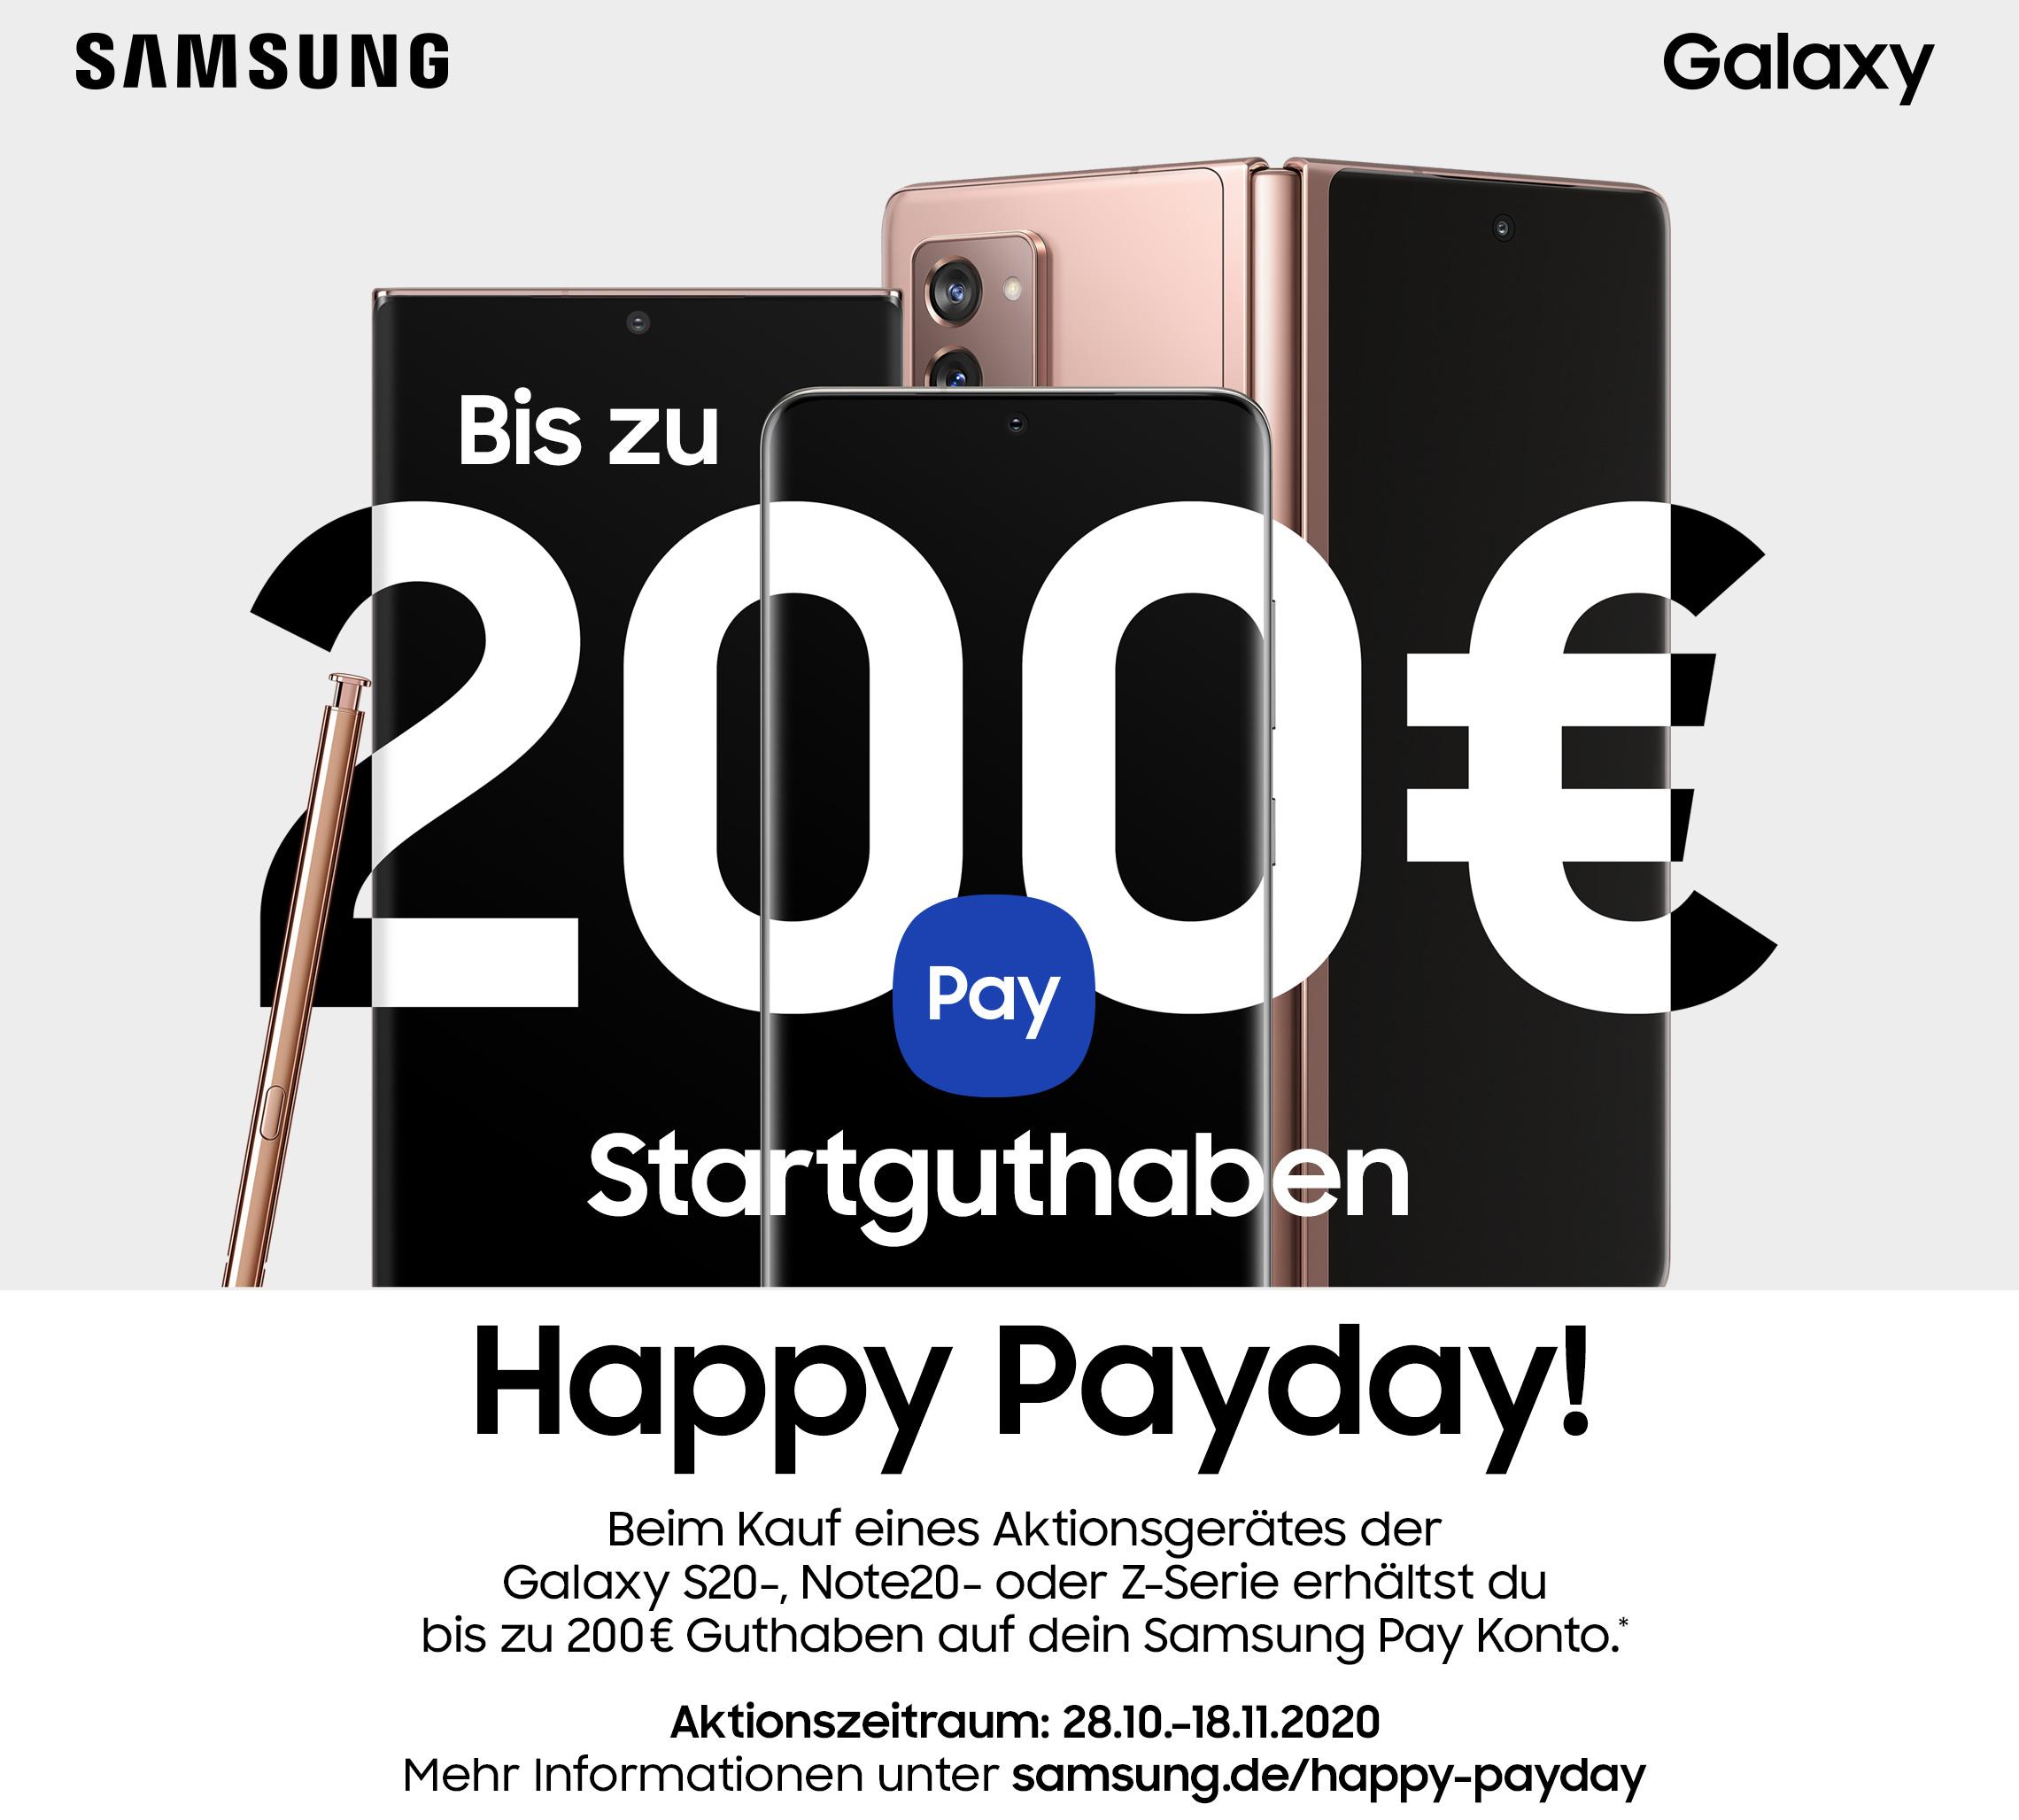 Happy Payday